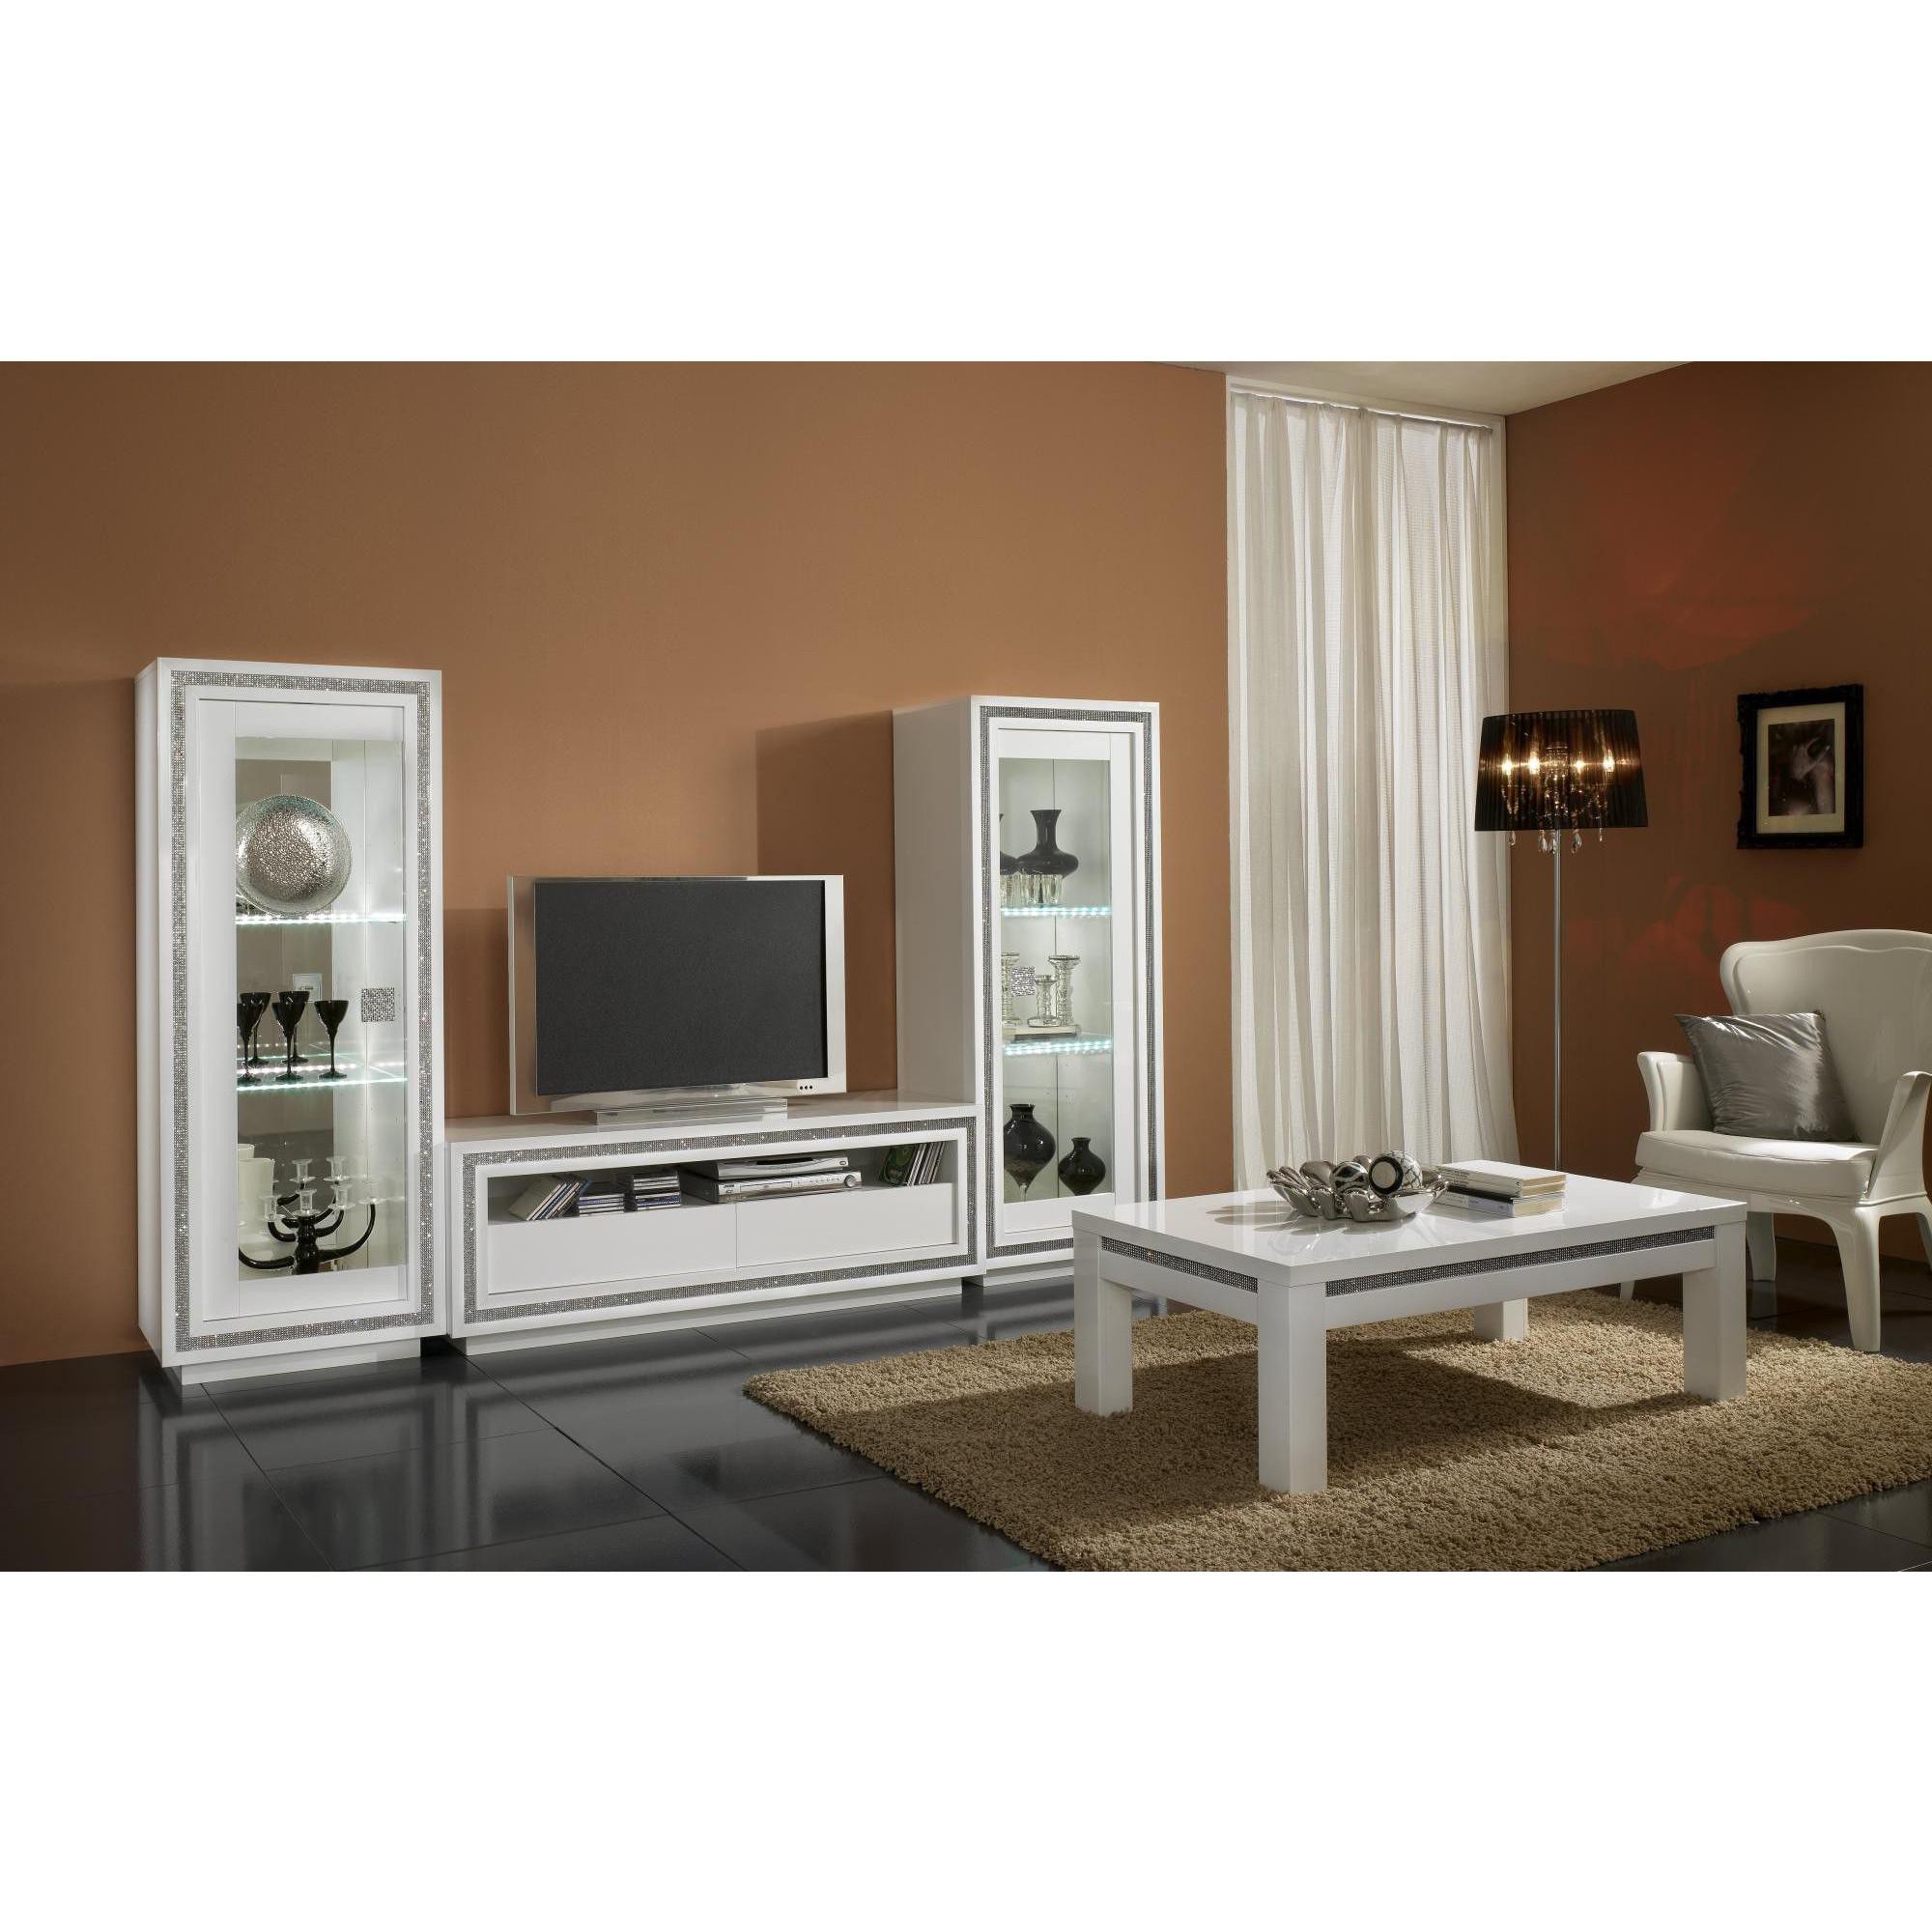 Salon- Meuble Tv Blanc Laque Avec Strass - Comforium avec Meuble Télé Blanc Laqué